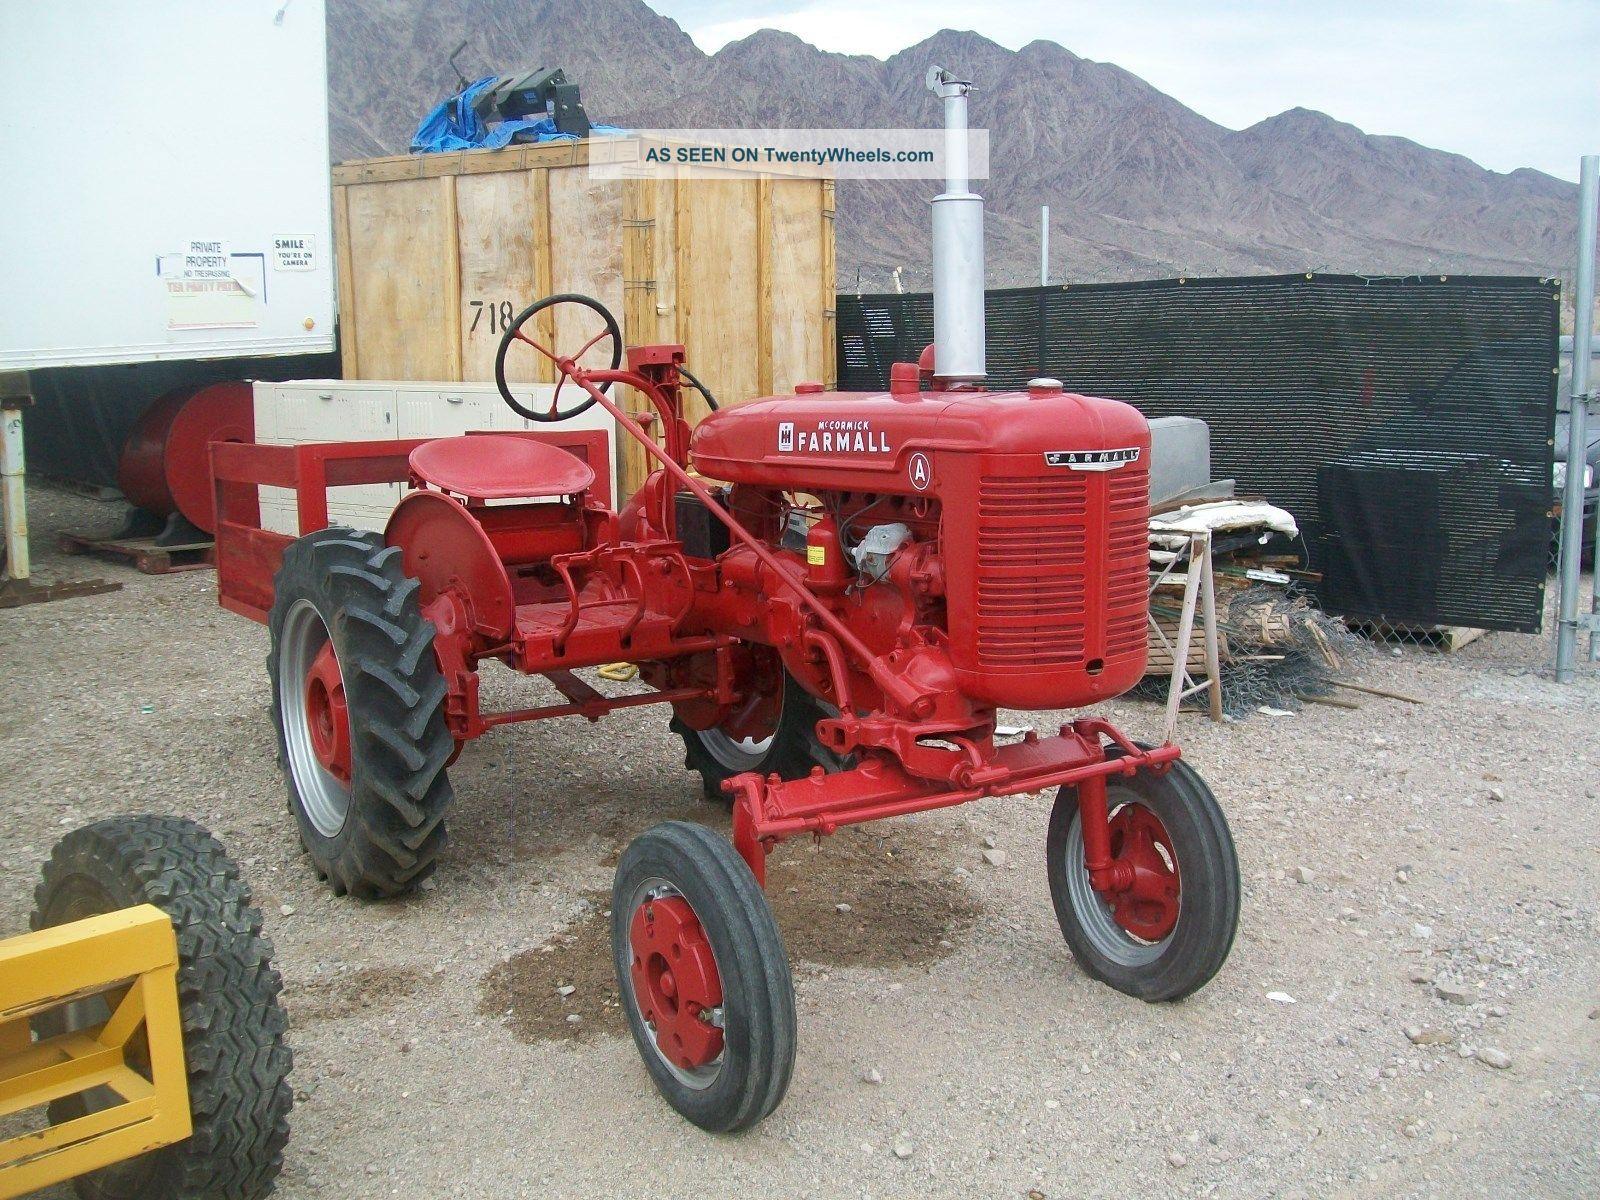 Farmall Tractor Models : Farmall tractor antique model a